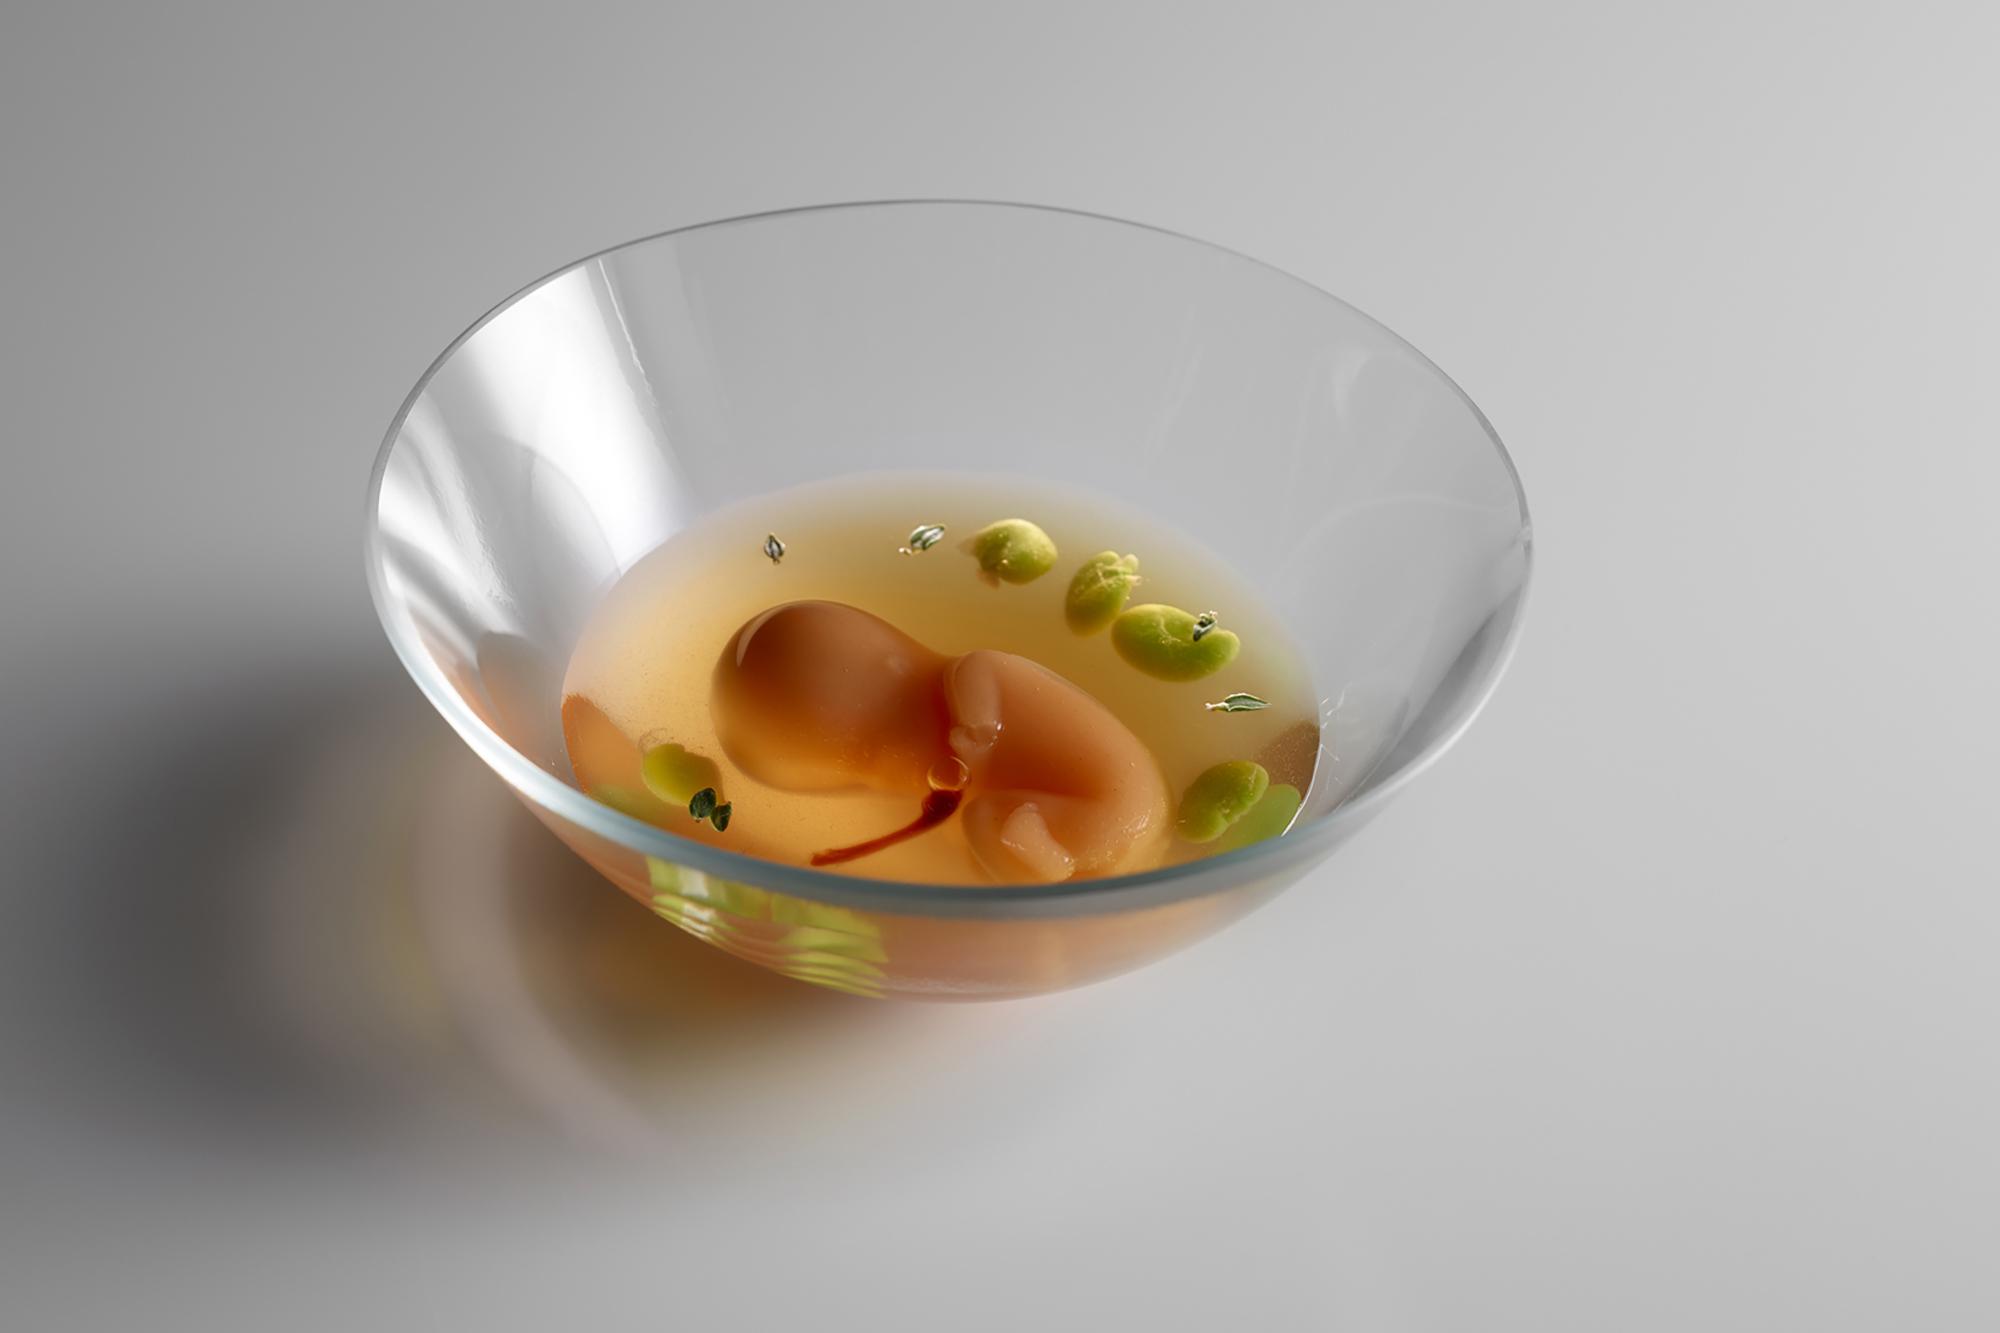 Un feto en su líquido amniótico, parte de la serie sobre el origen de la vida. Foto: Mugaritz.